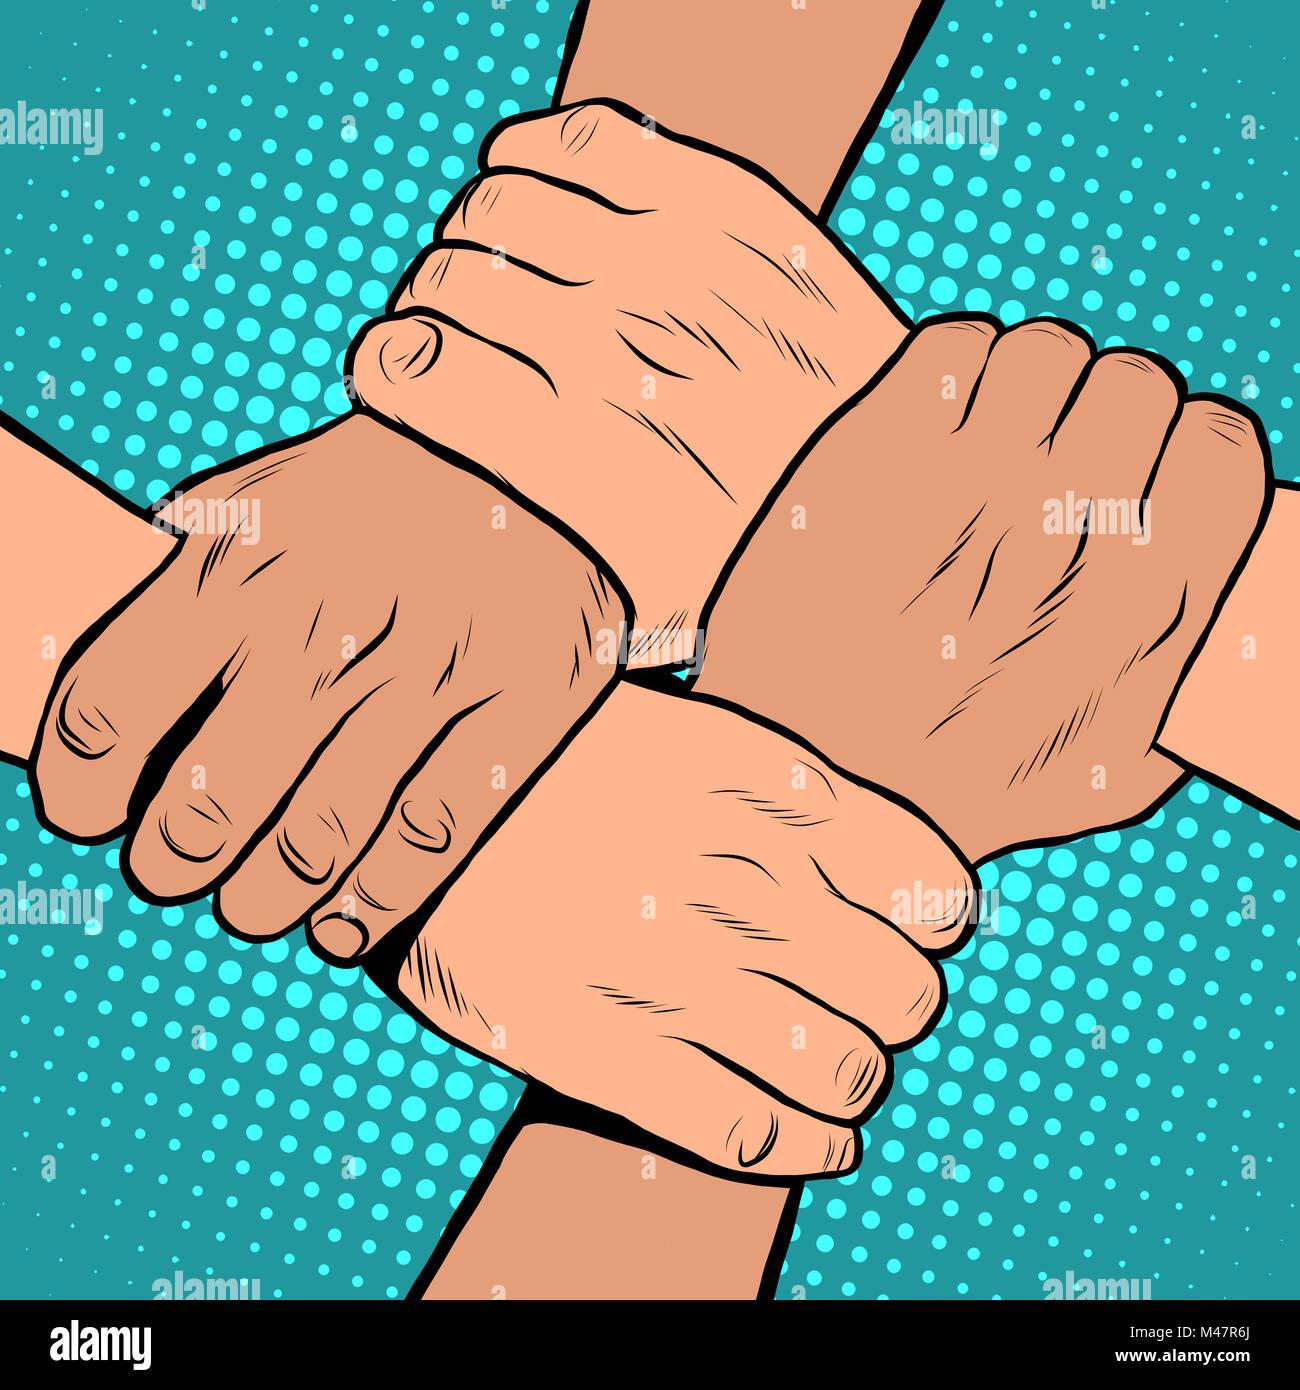 Bianco nero solidarietà arresto di handshake razzismo pop art in stile retrò Immagini Stock